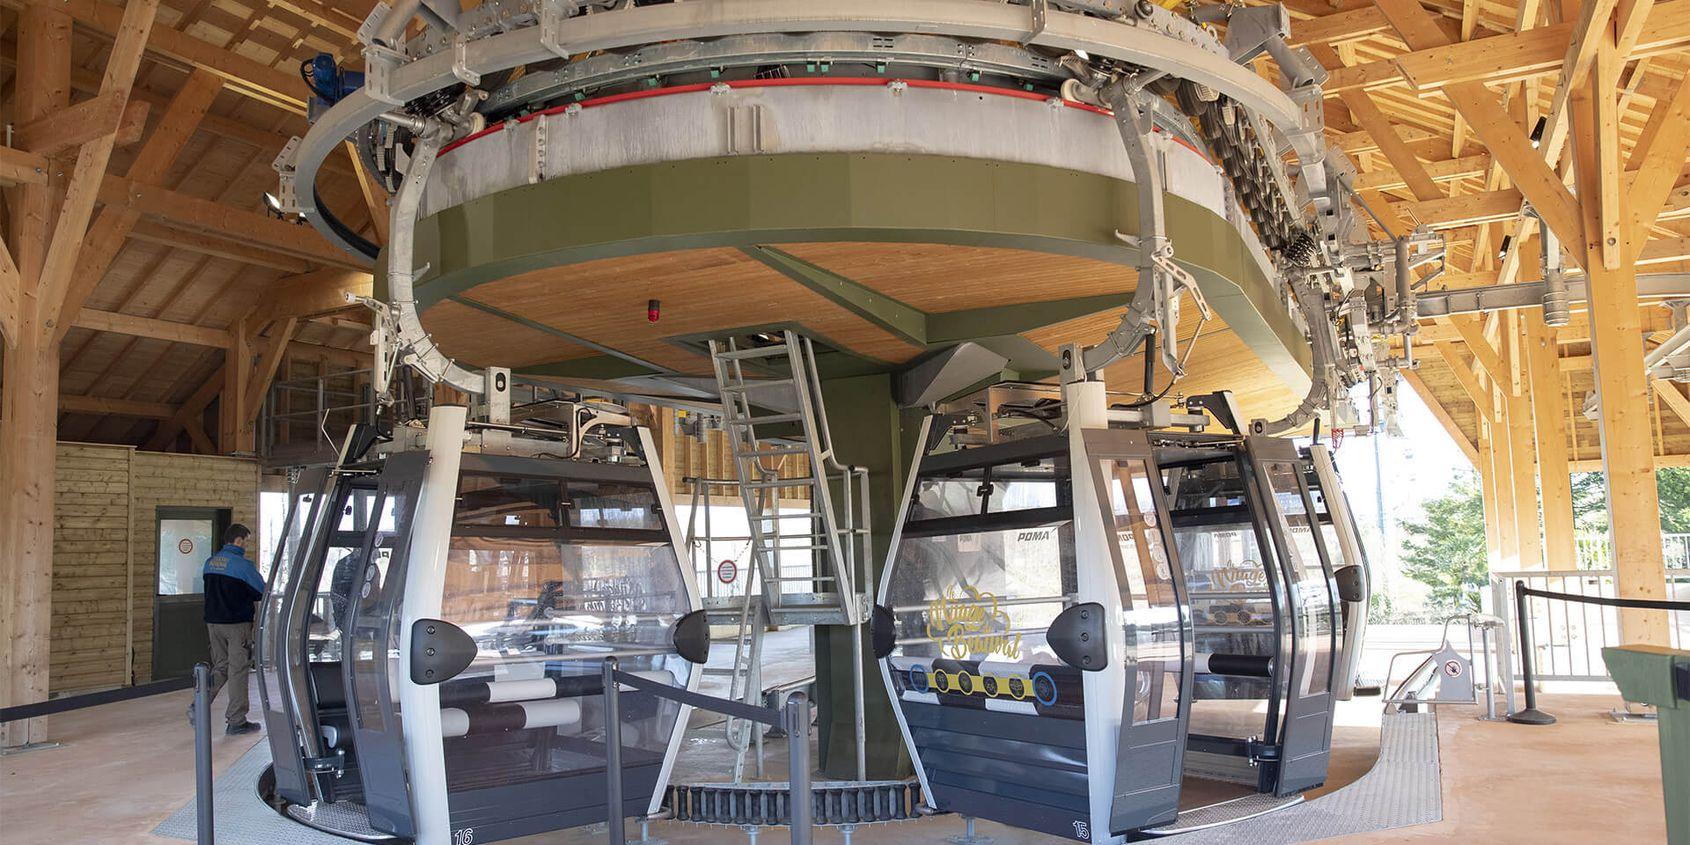 Télécabine du ZooParc de Beauval - Un mode de transport respectueux de l'environnement - Nuage de Beauval